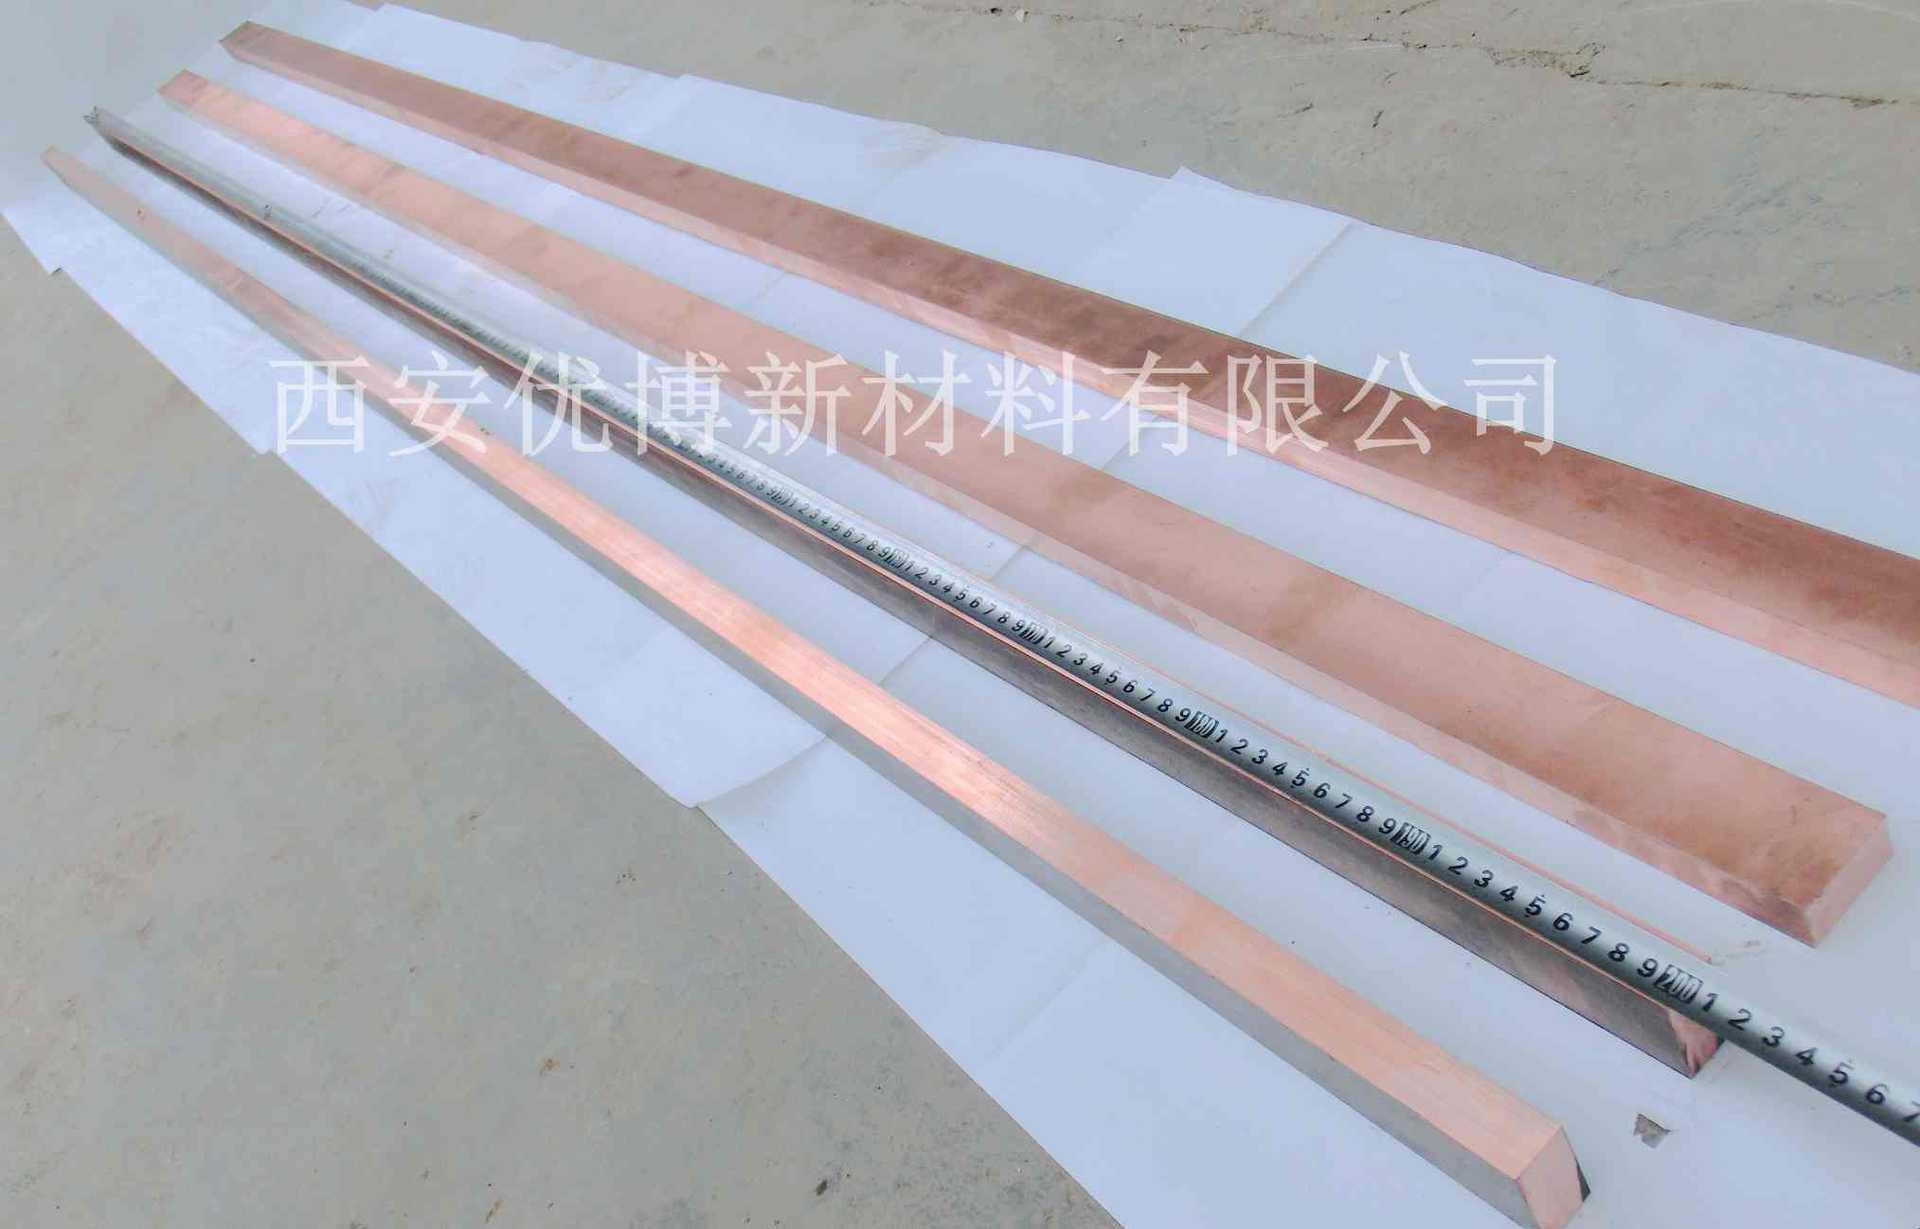 超长钨铜杆,超长钨铜柱,2米长钨铜件